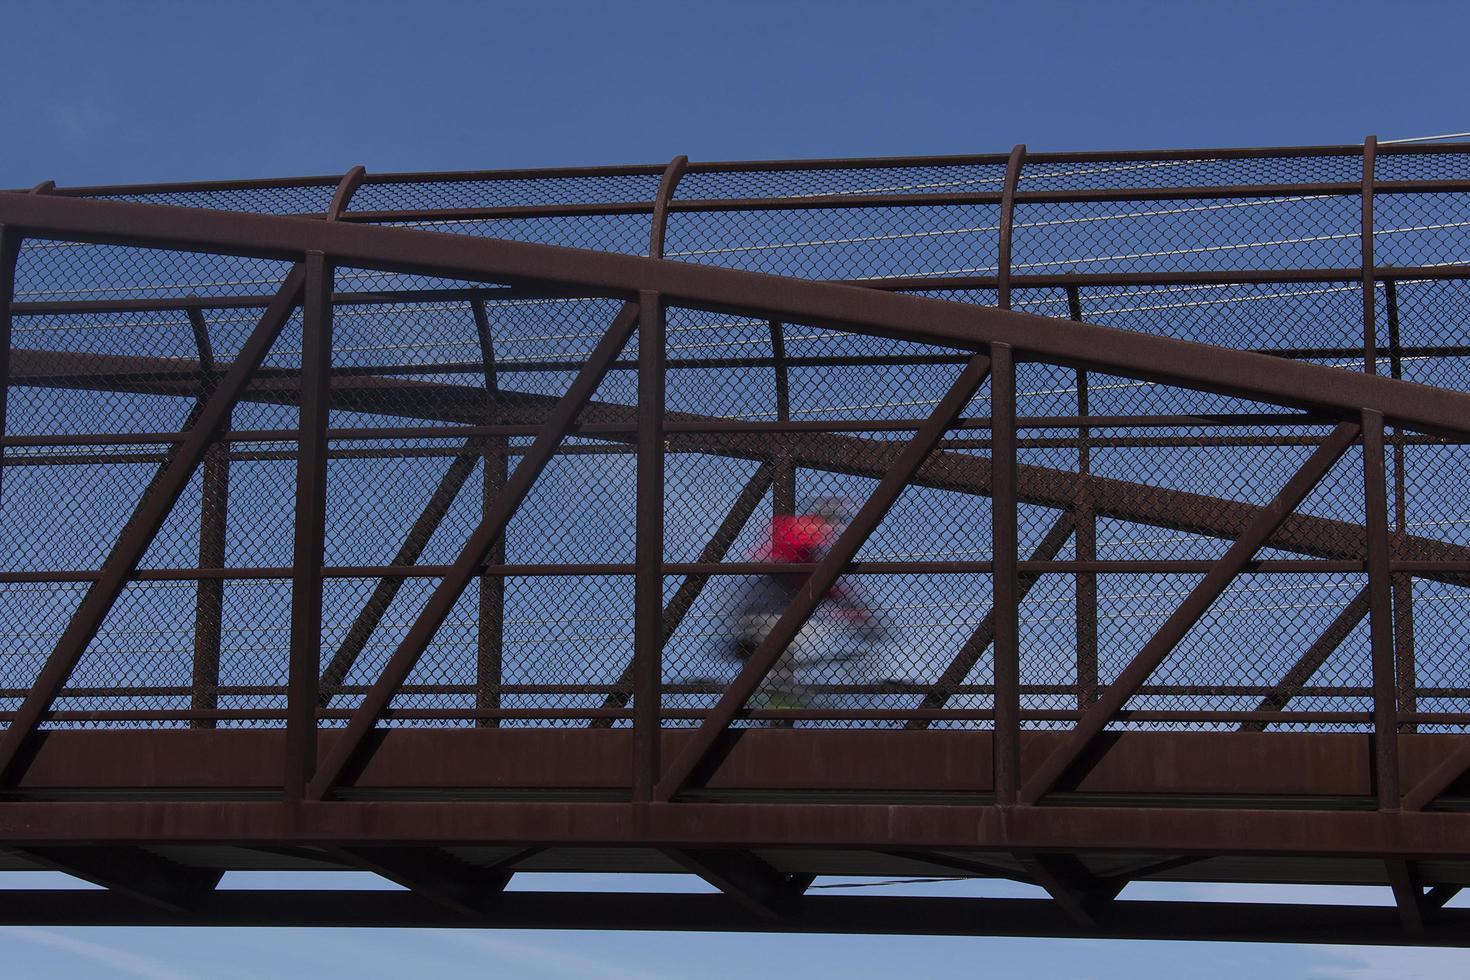 Radfahrer in Bewegung überqueren Brücke foto